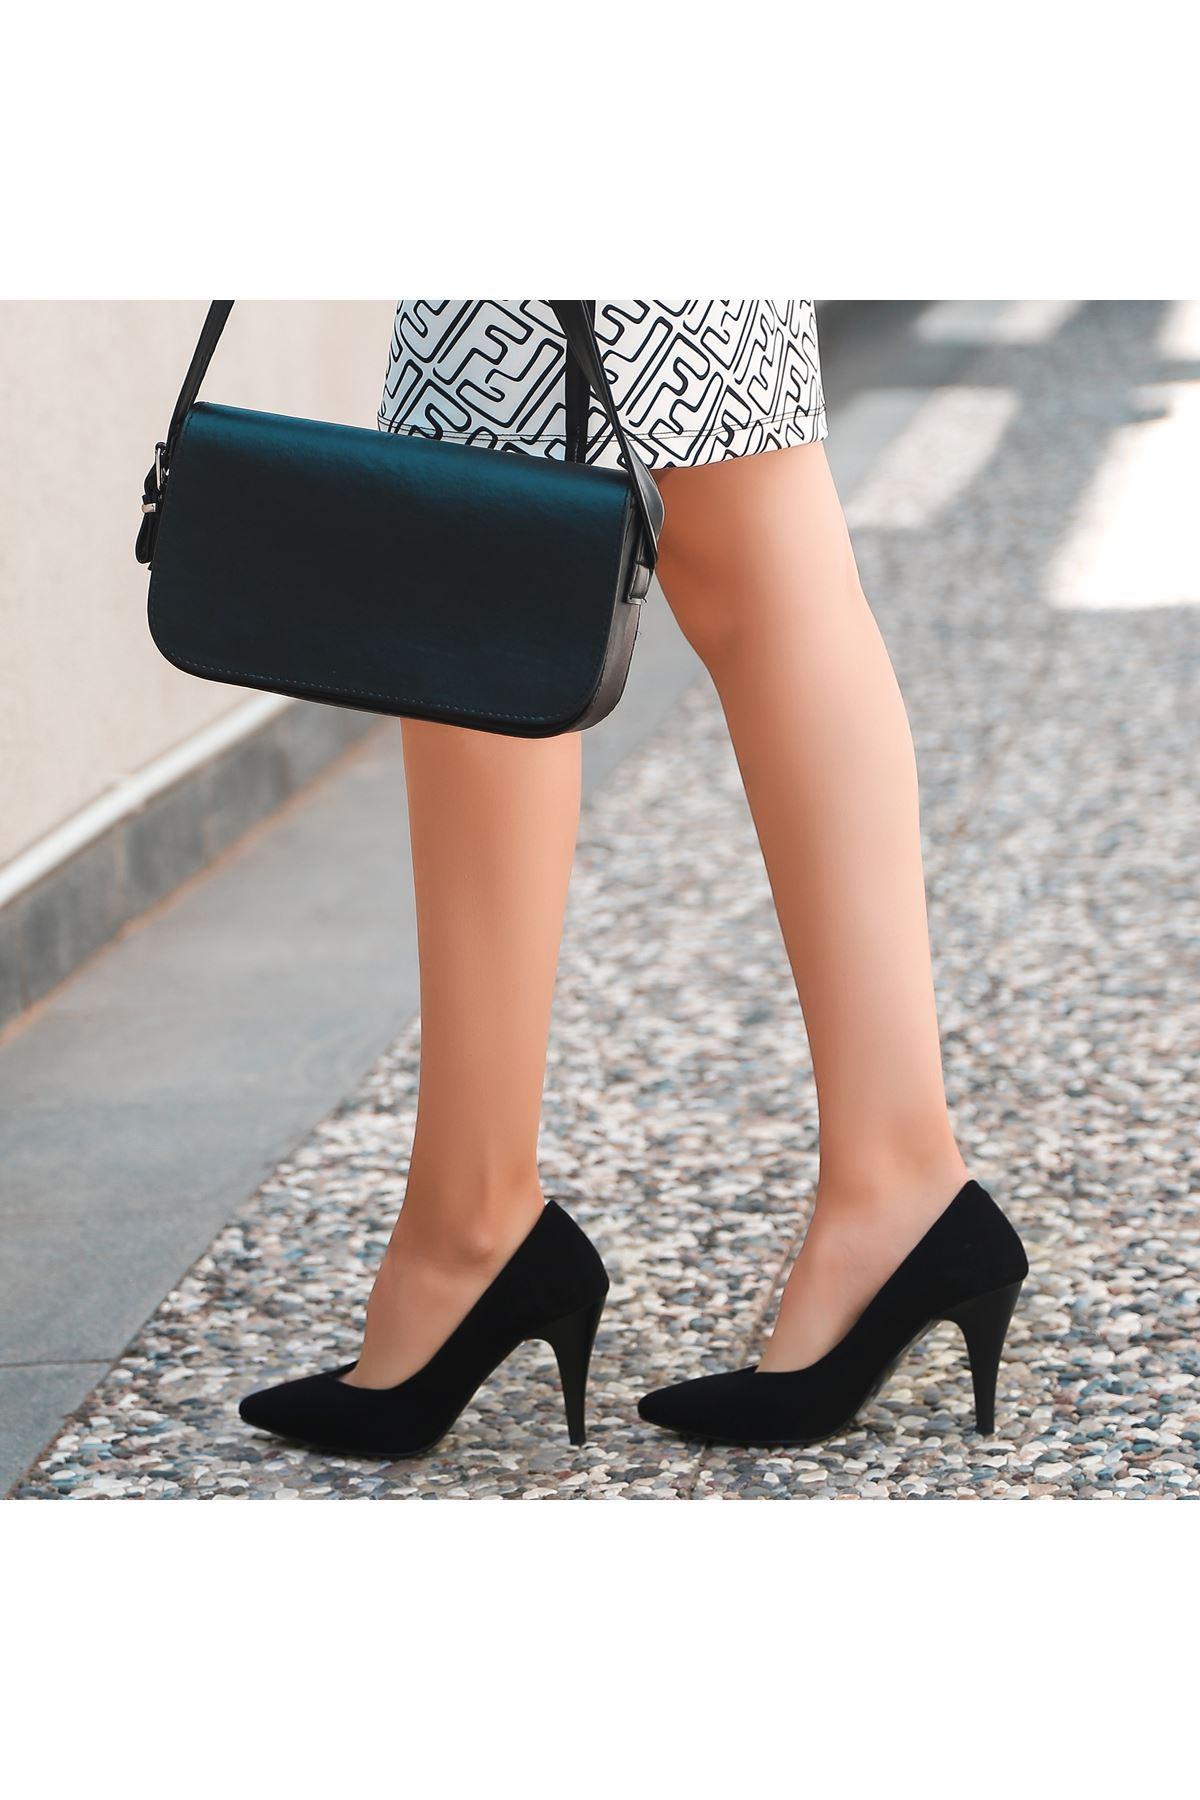 Xina Siyah Süet Topuklu Ayakkabı